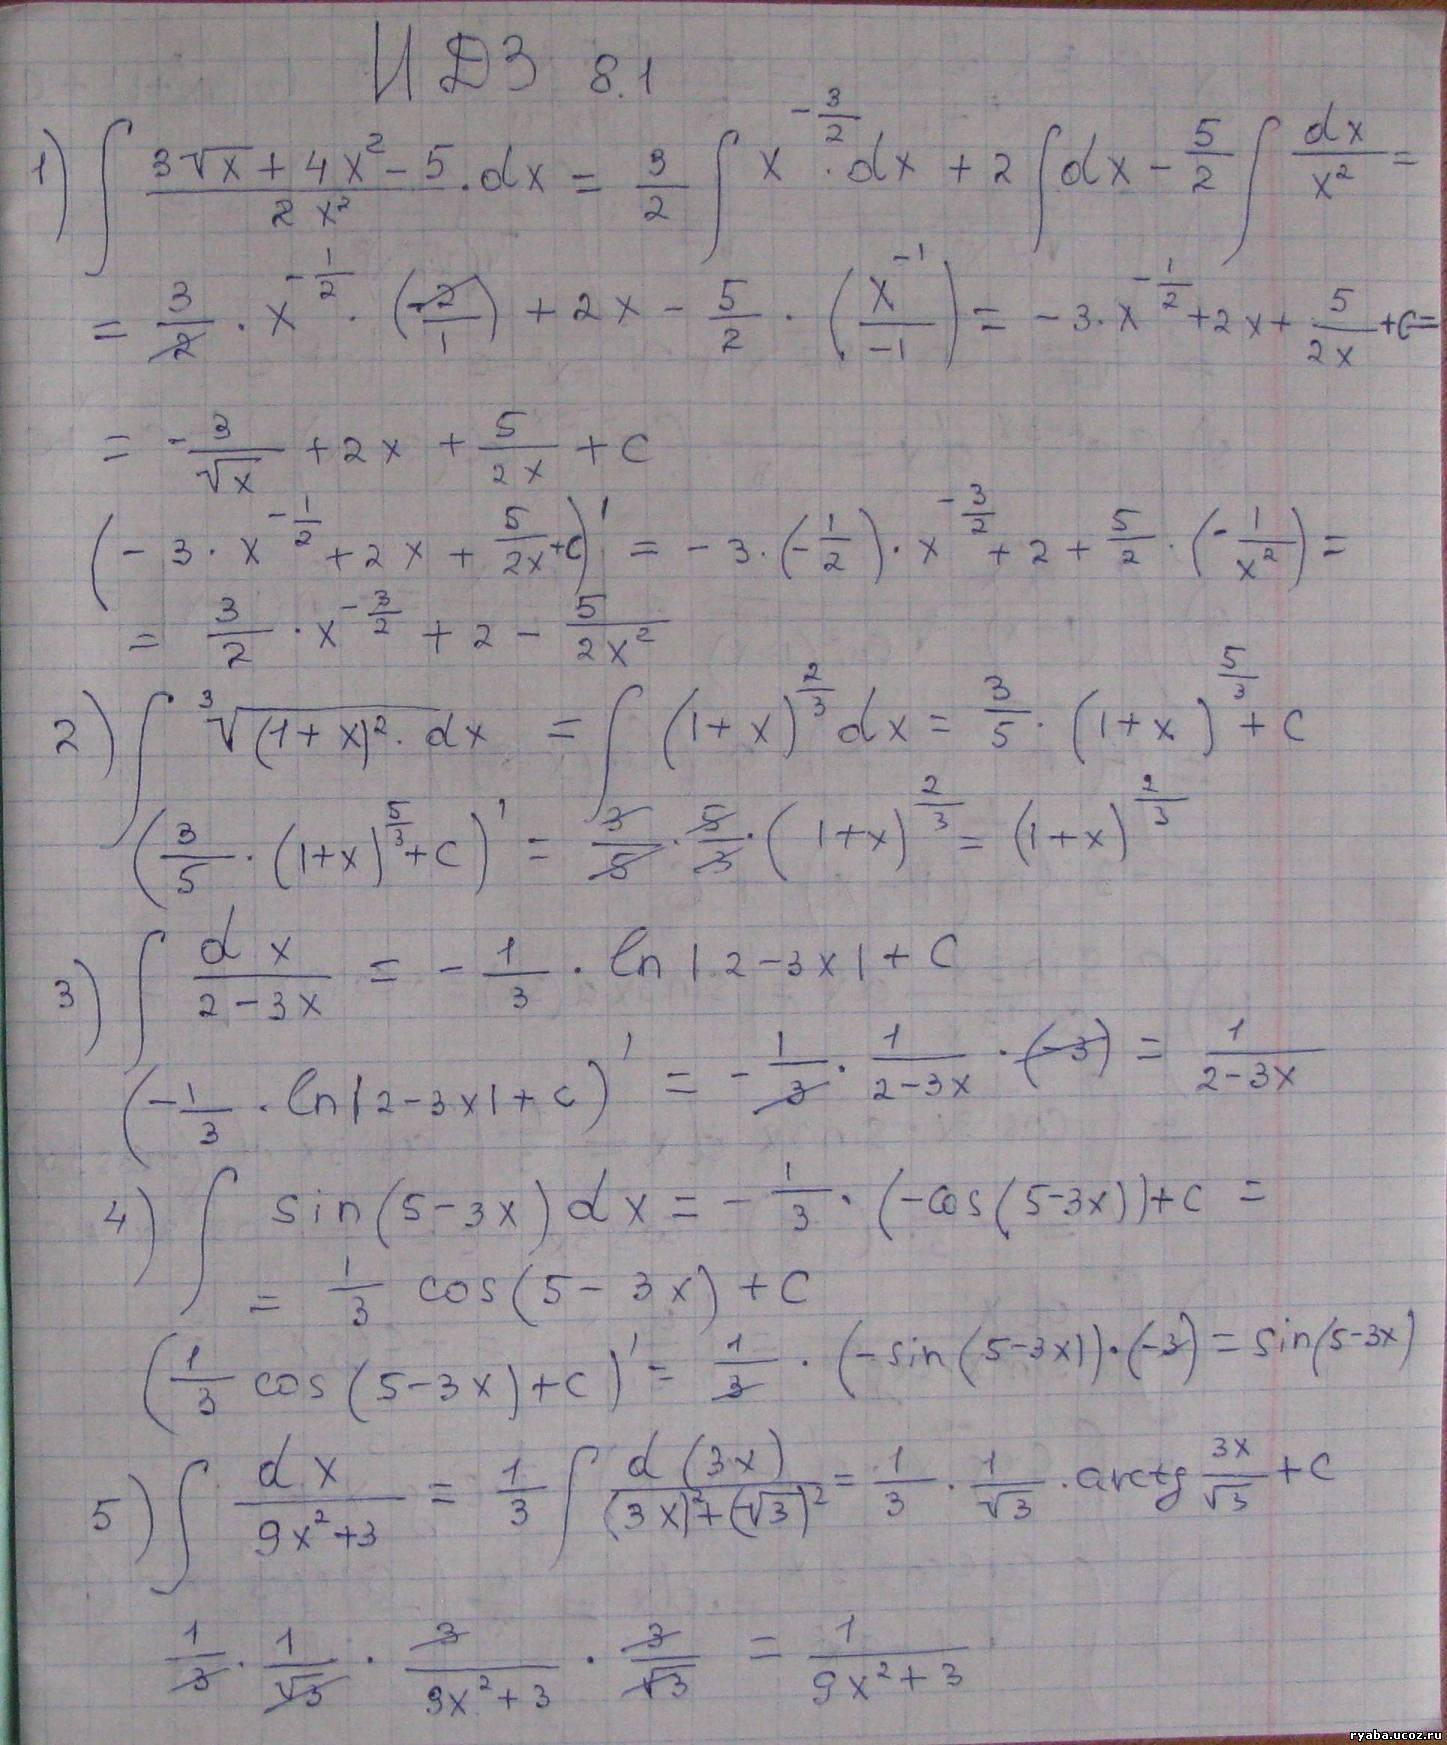 Идз 8.4 рябушко решебник